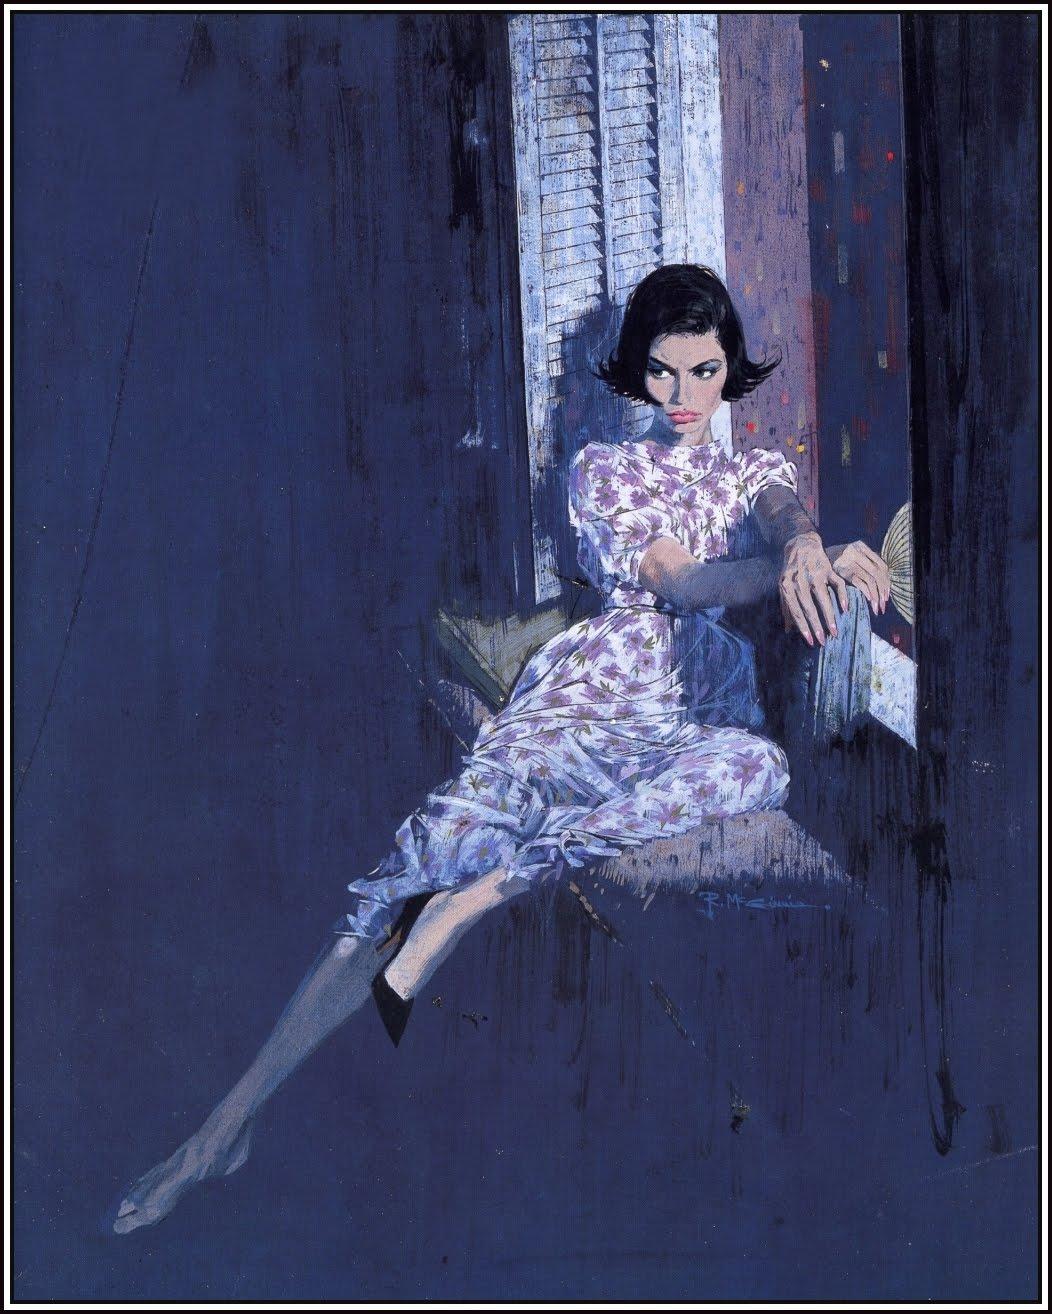 Bienvenidos al nuevo foro de apoyo a Noe #298 / 24.11.15 ~ 02.12.15 - Página 21 Book-illustration-graphics-American-artists-Robert-McGinnis-women-pictures-poster-art+%252811%2529